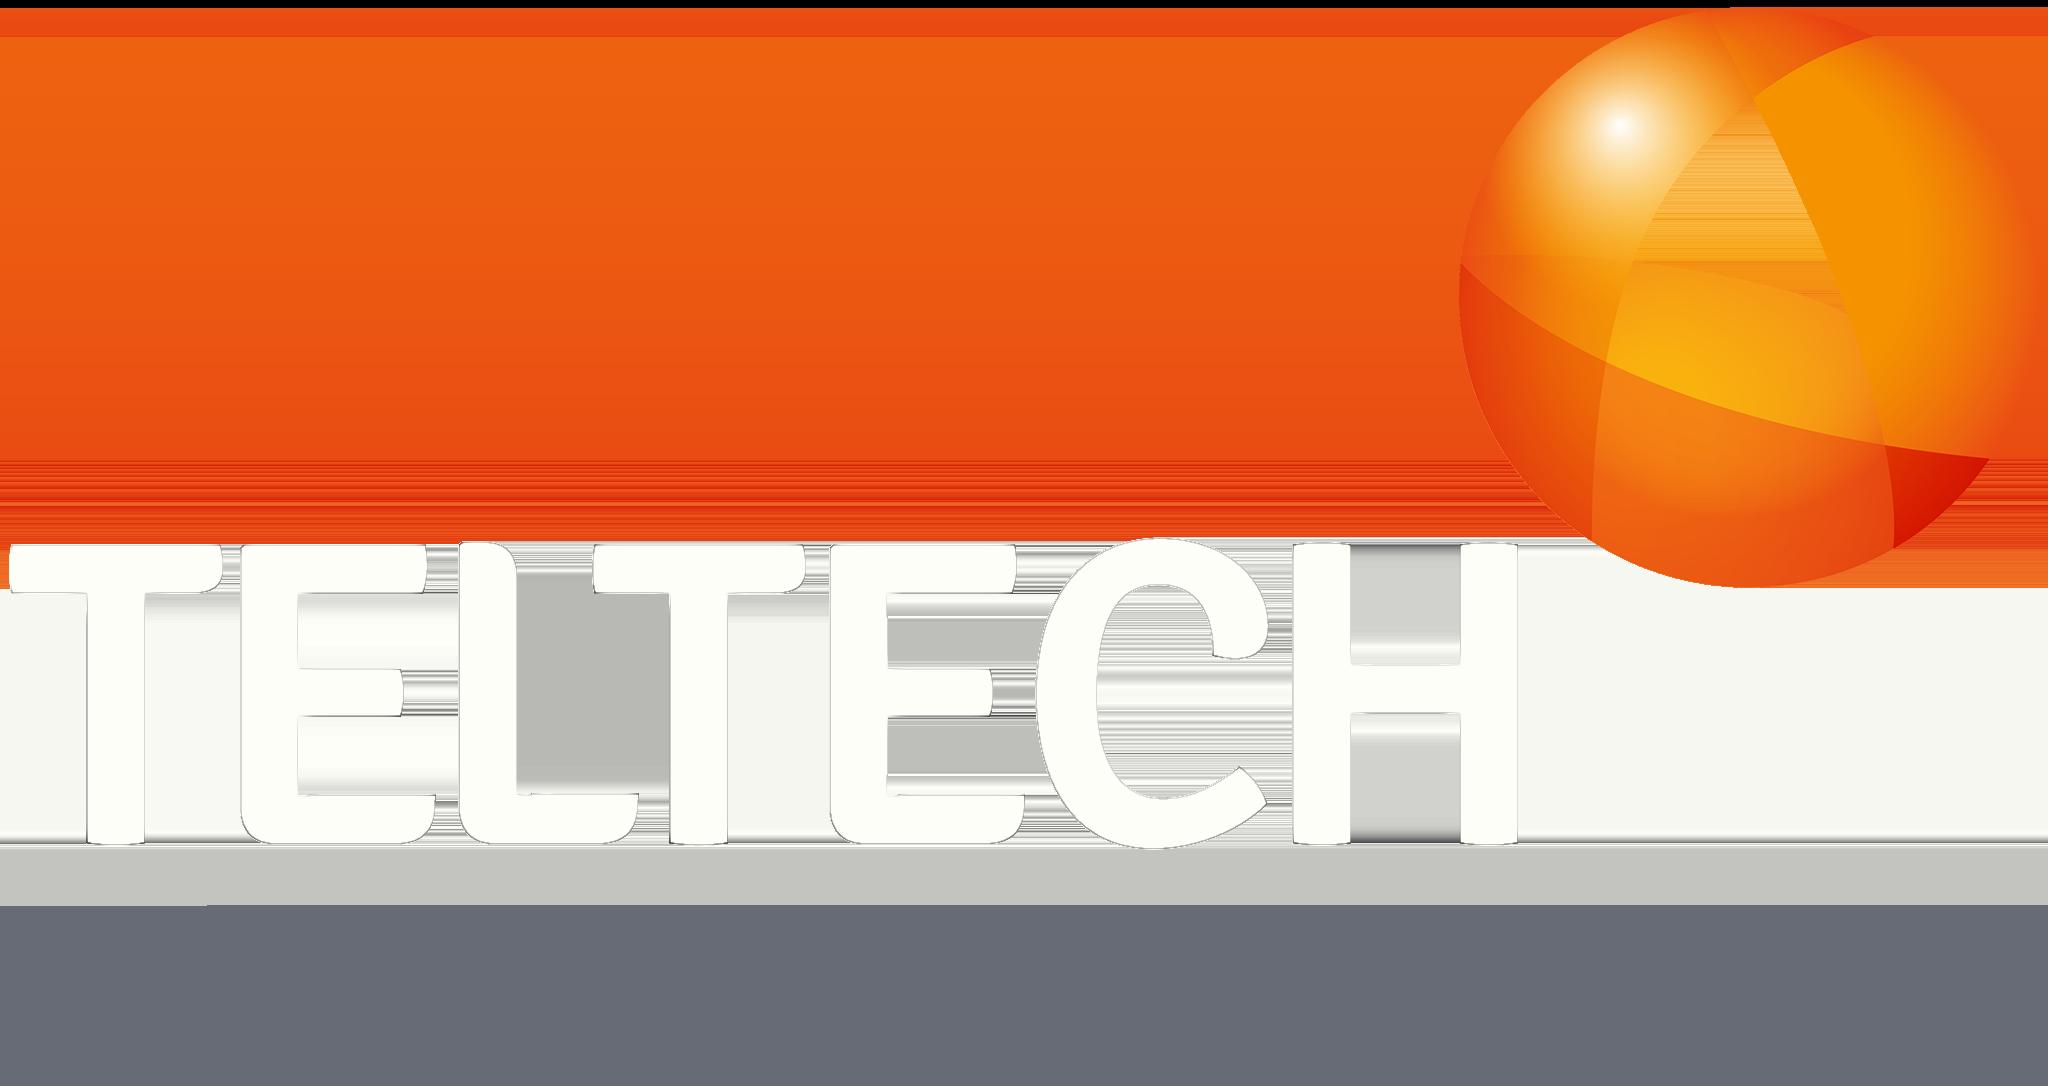 TelTech